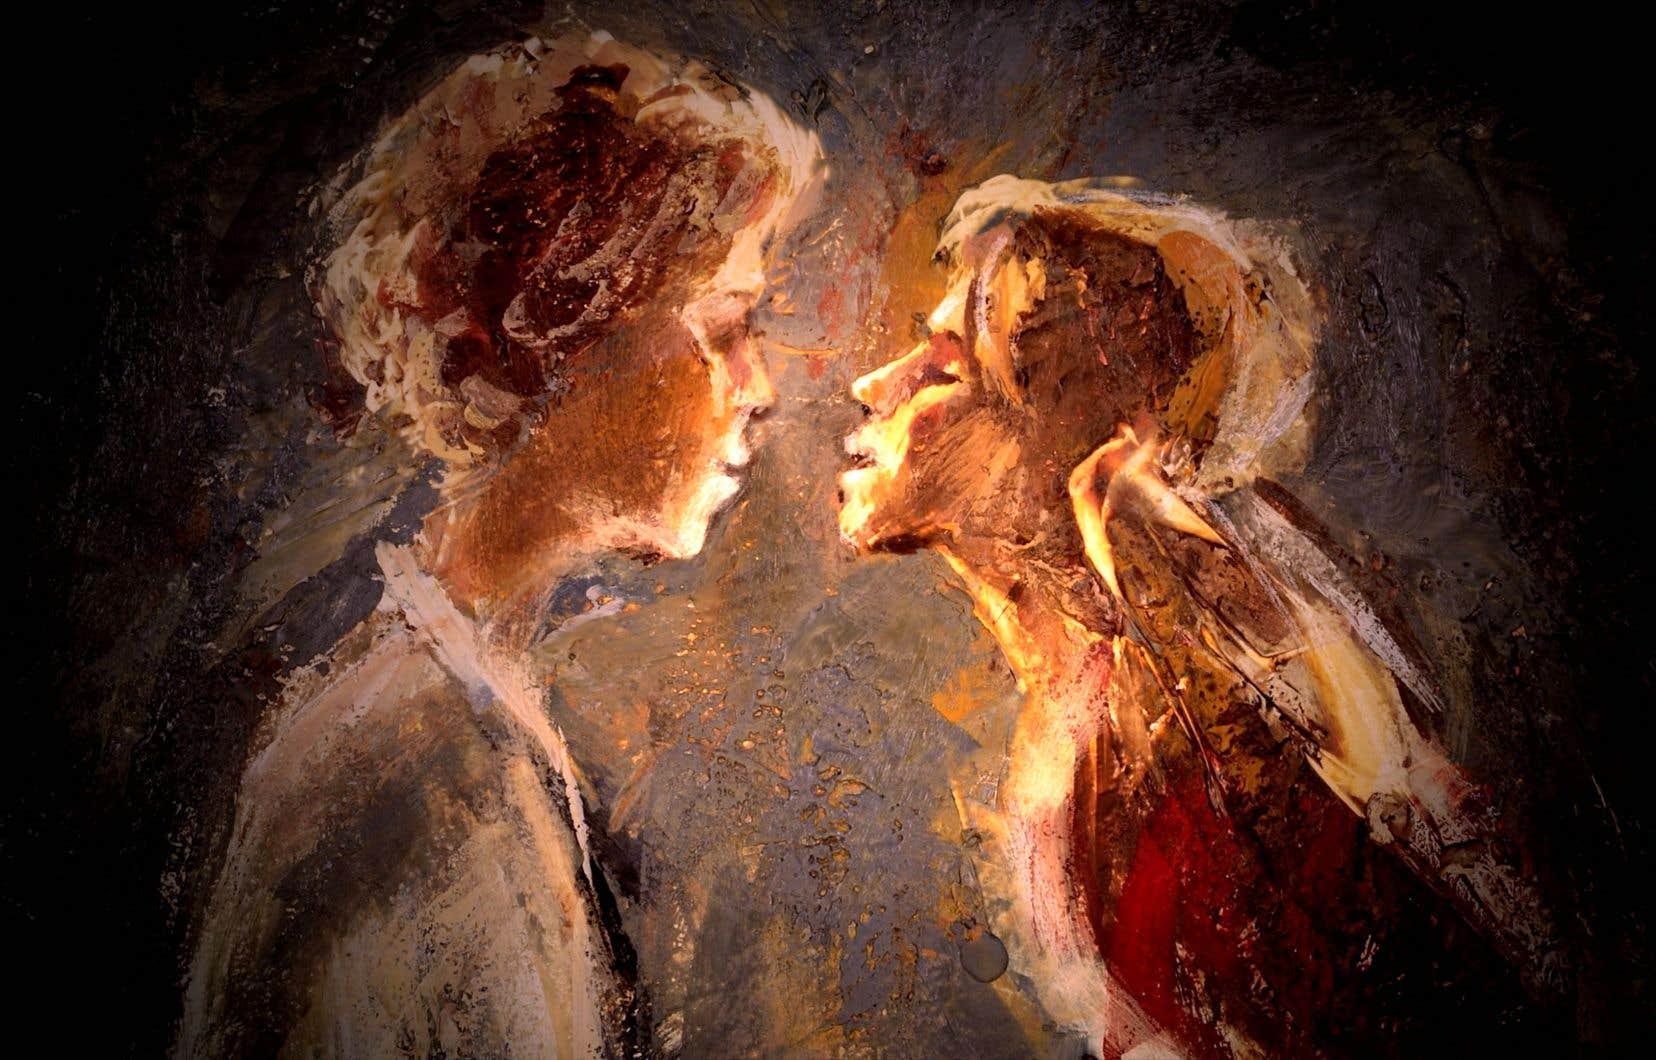 «Physique de la tristesse» montre la virtuosité de Theodore Ushev avec la peinture à la cire et son amour pour le clair-obscur.